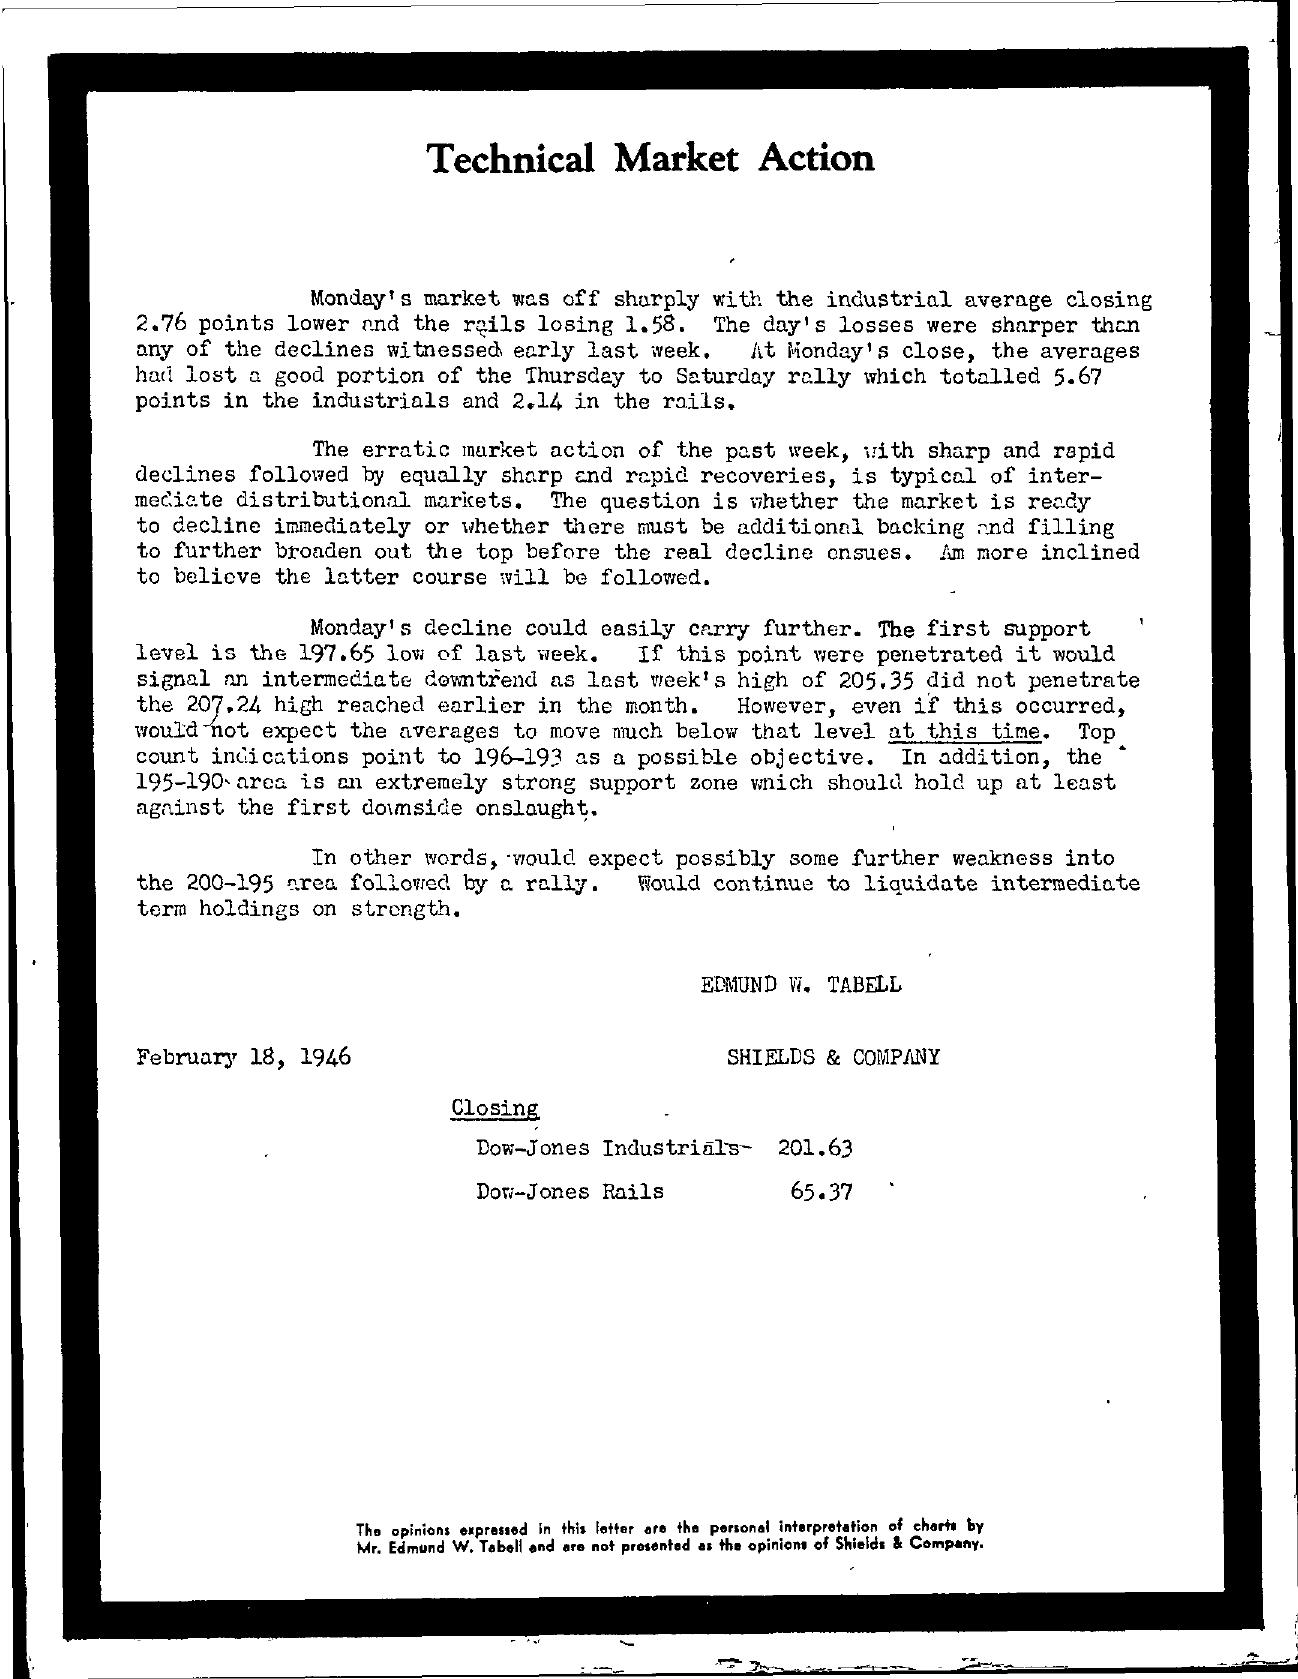 Tabell's Market Letter - February 18, 1946